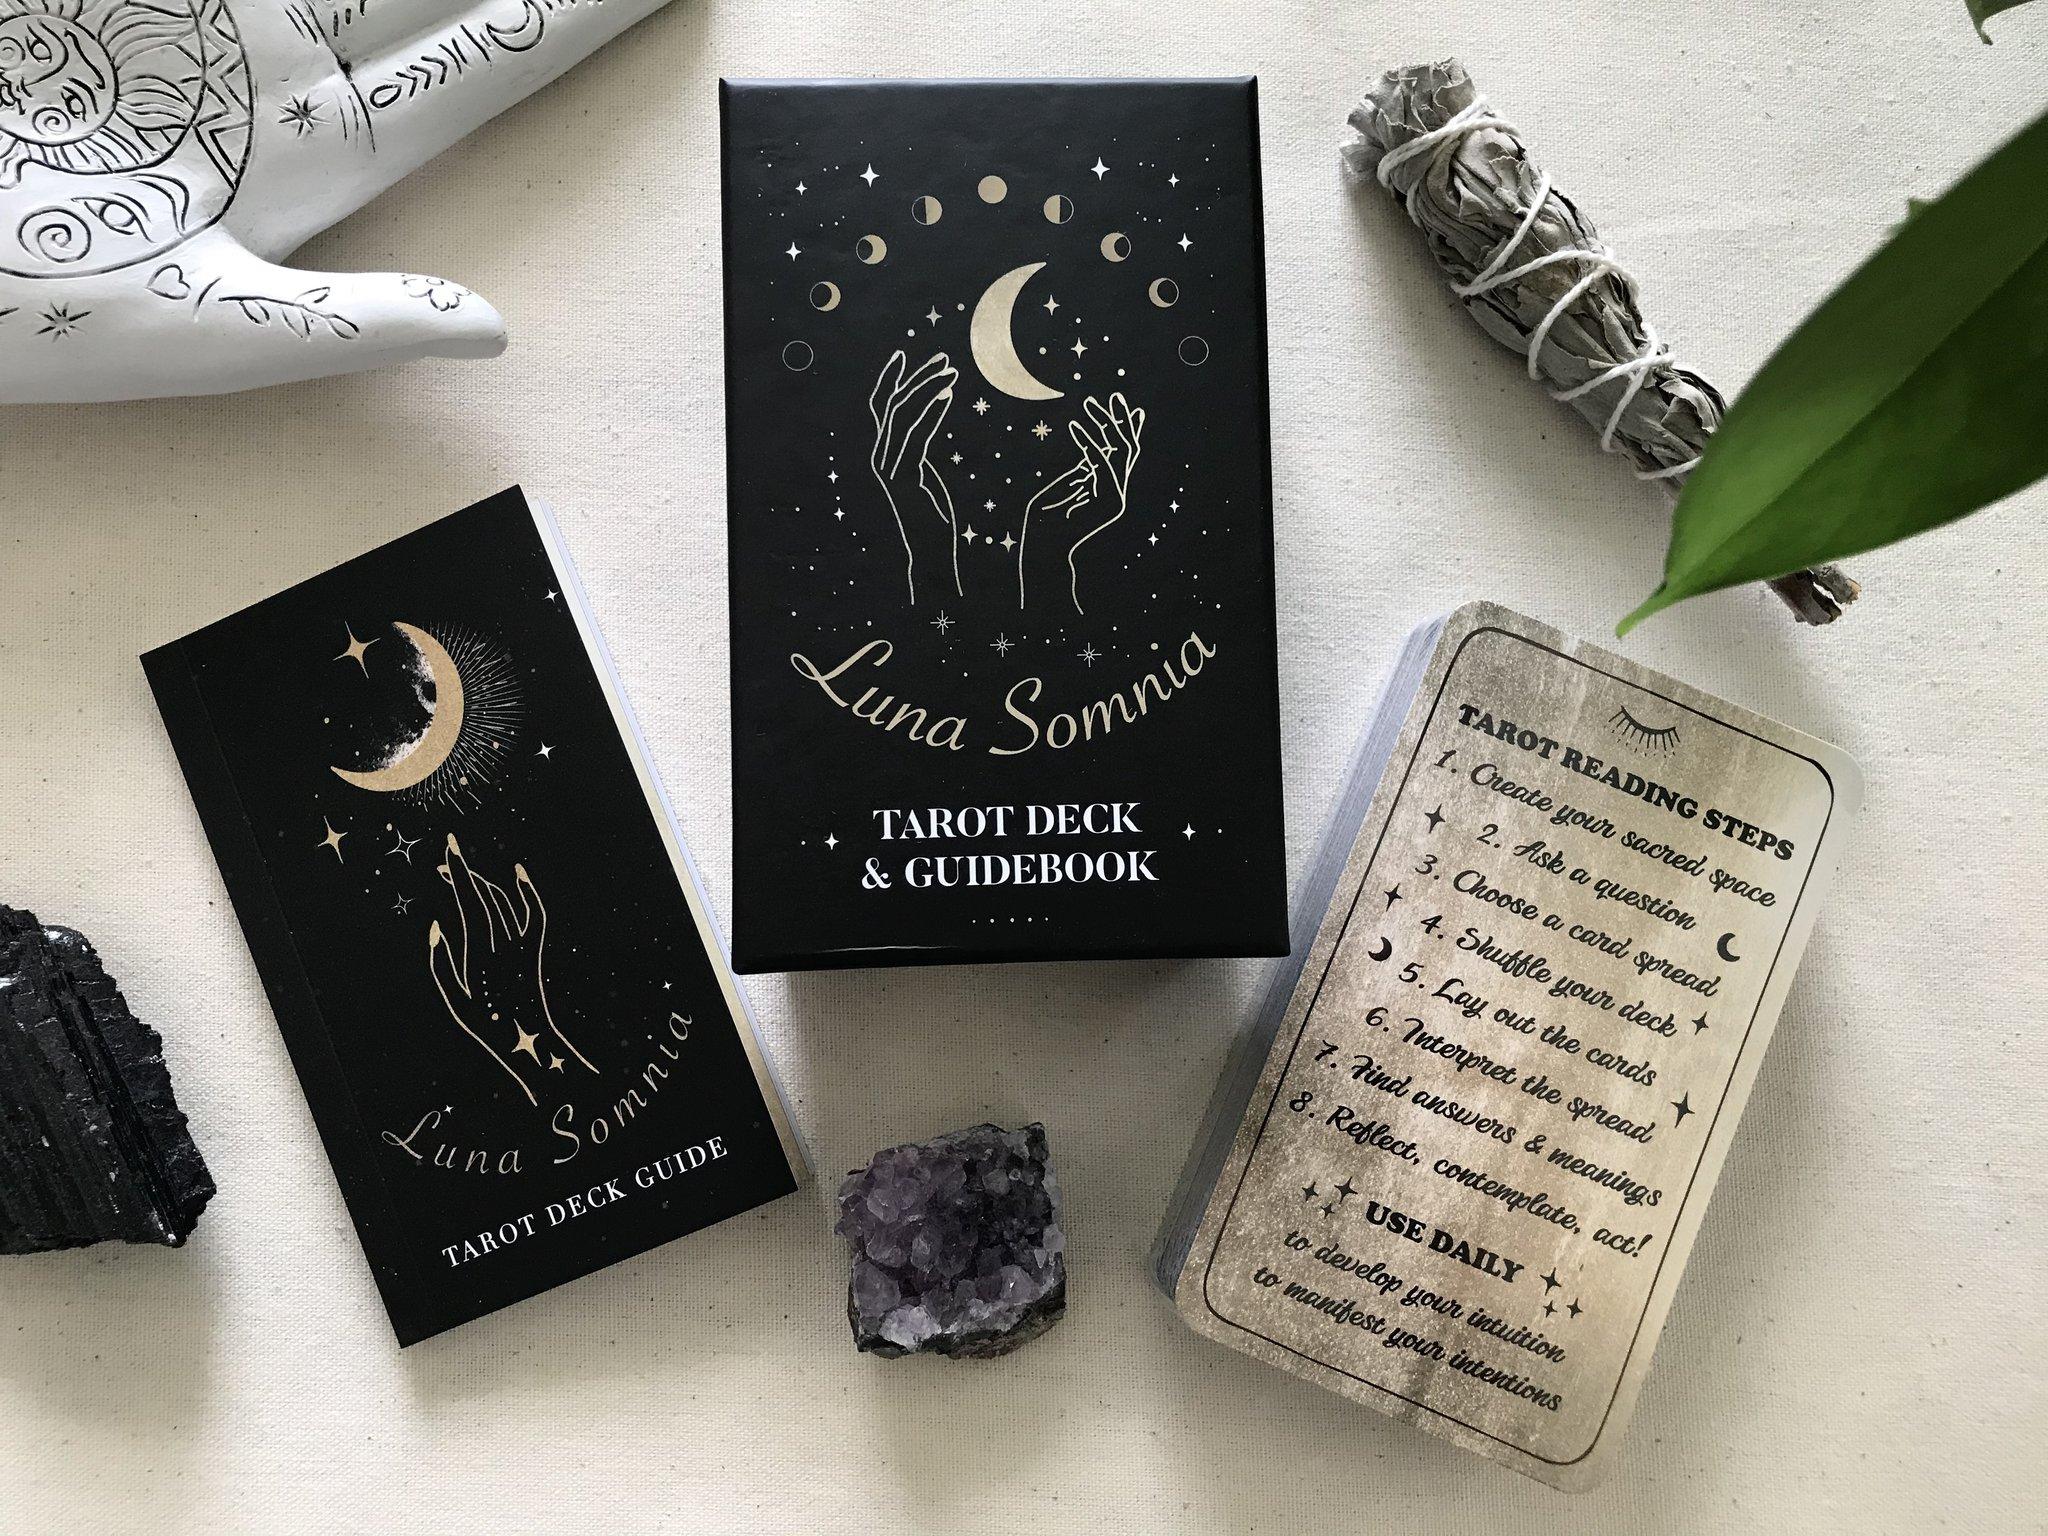 Luna Somnia Tarot